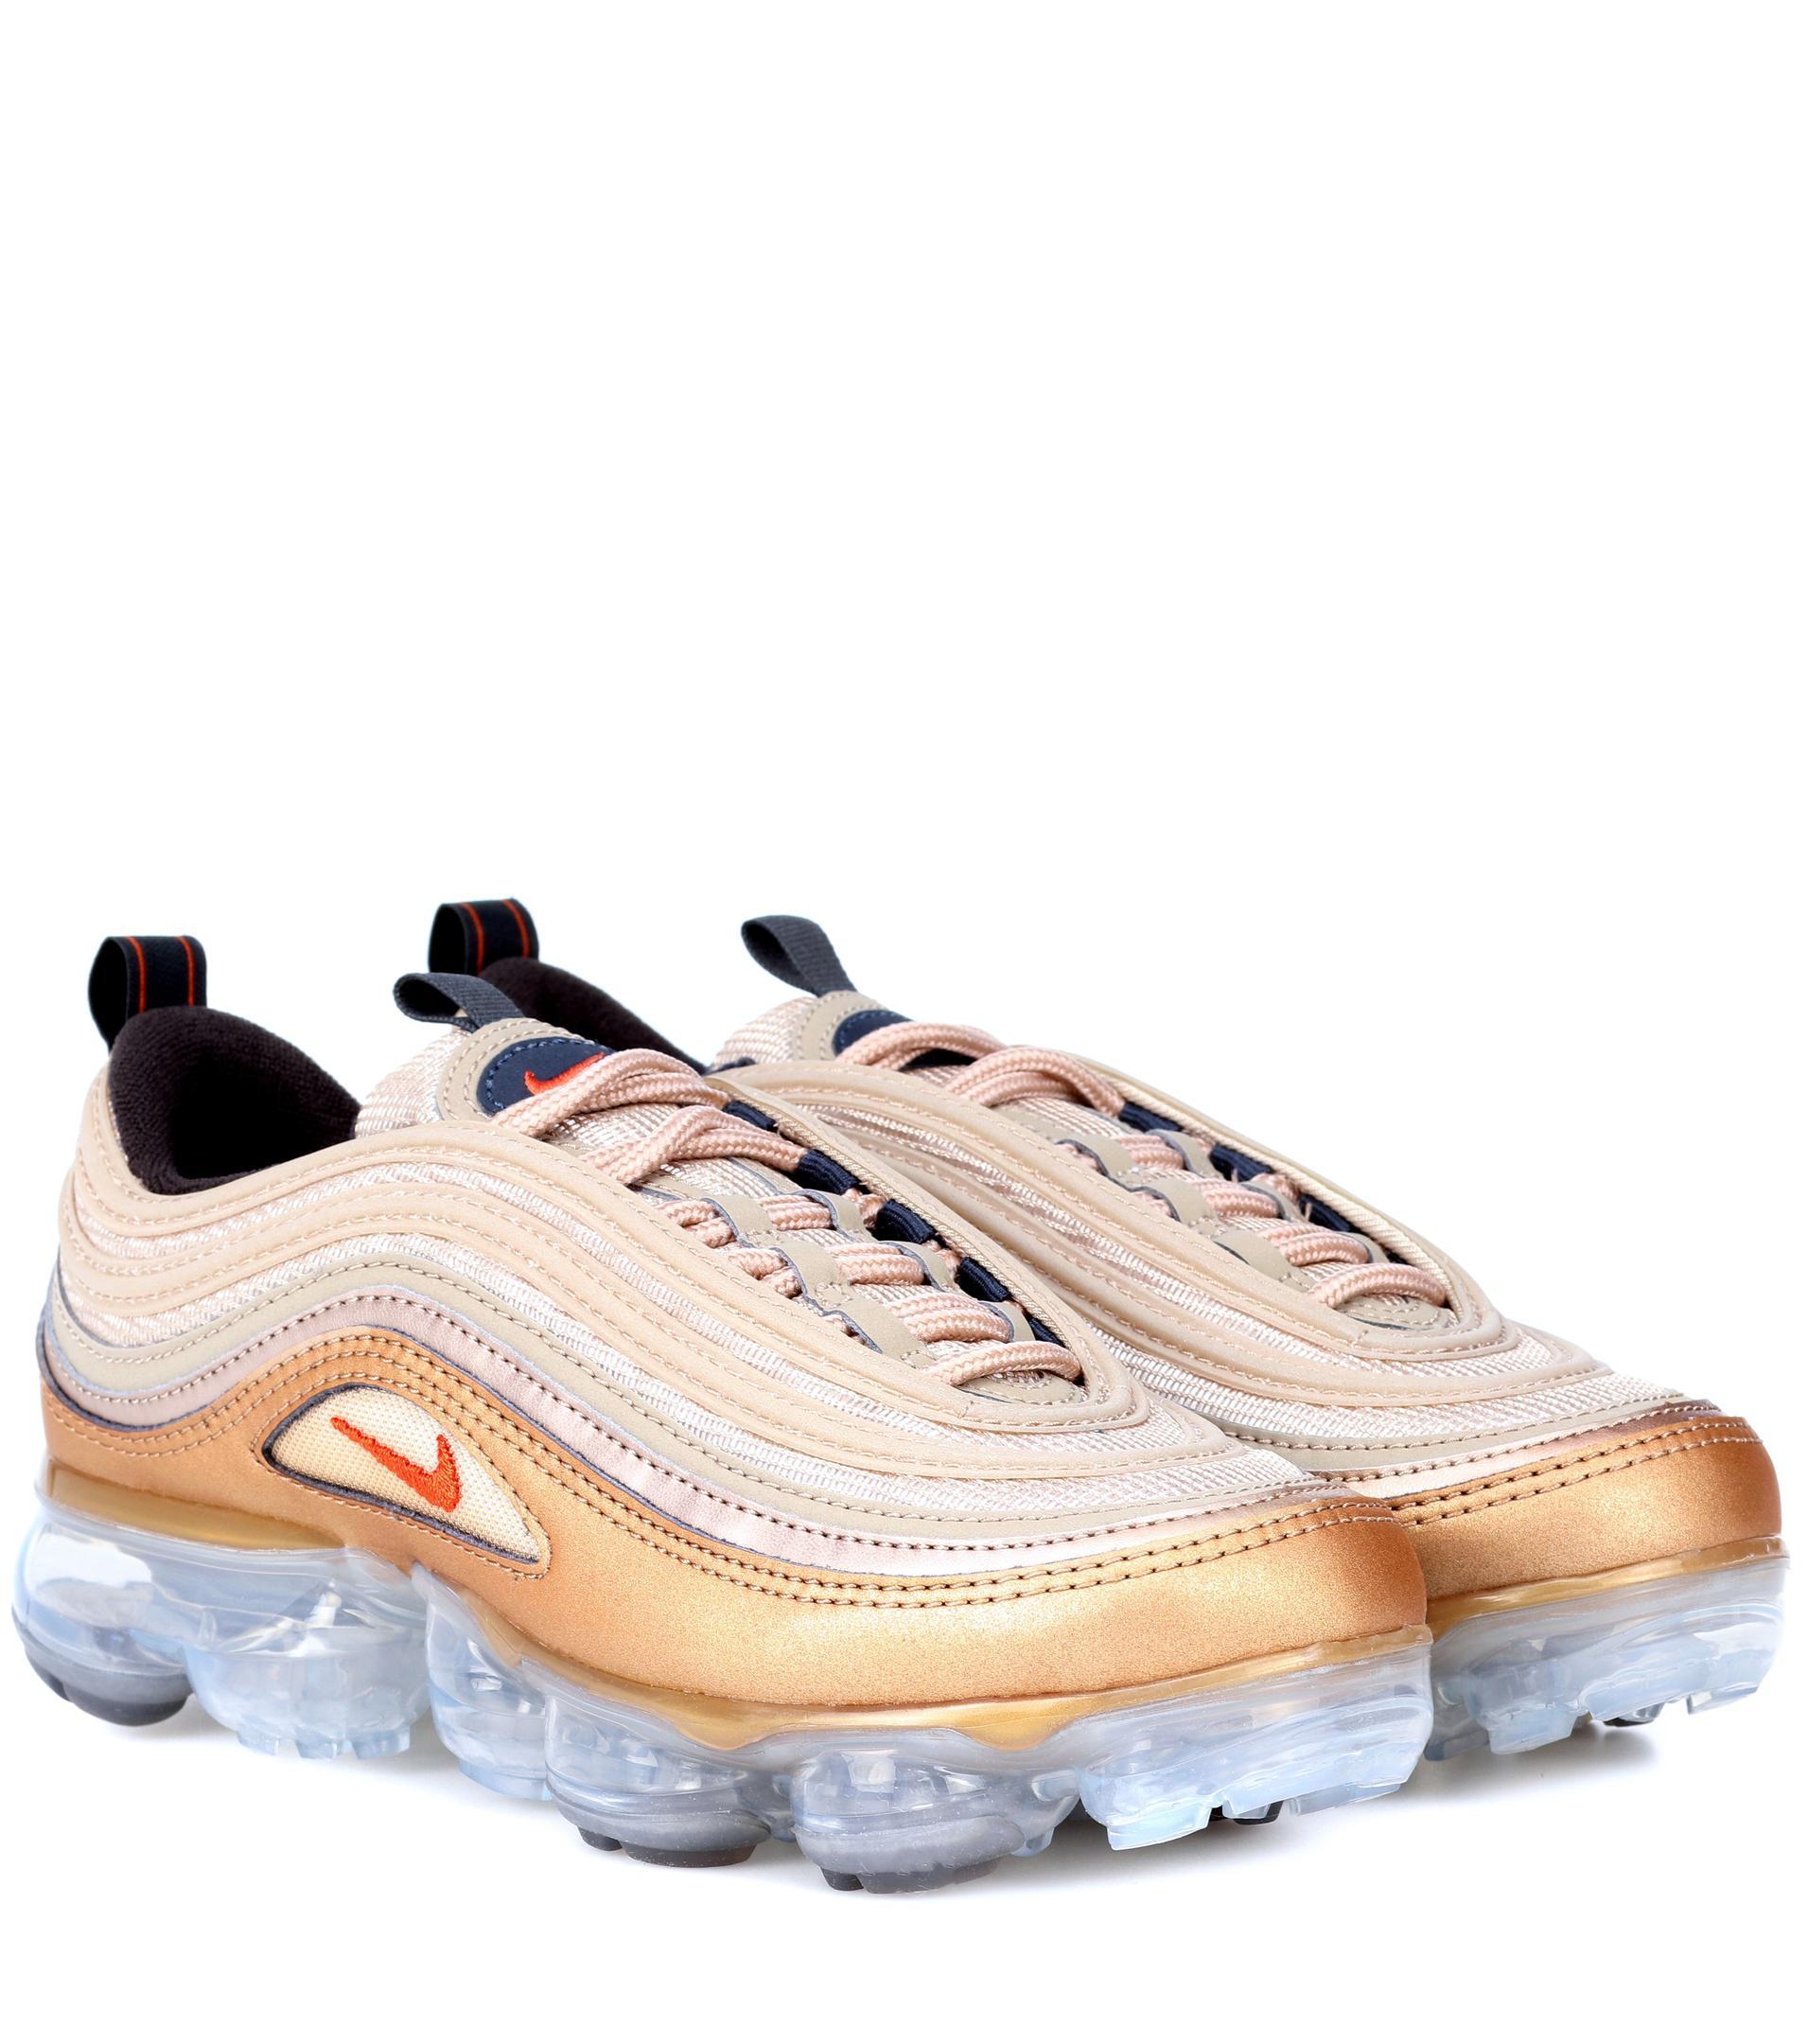 Nike Air Vapormax 97 Sneakers in Metallic - Lyst 7504ca3af